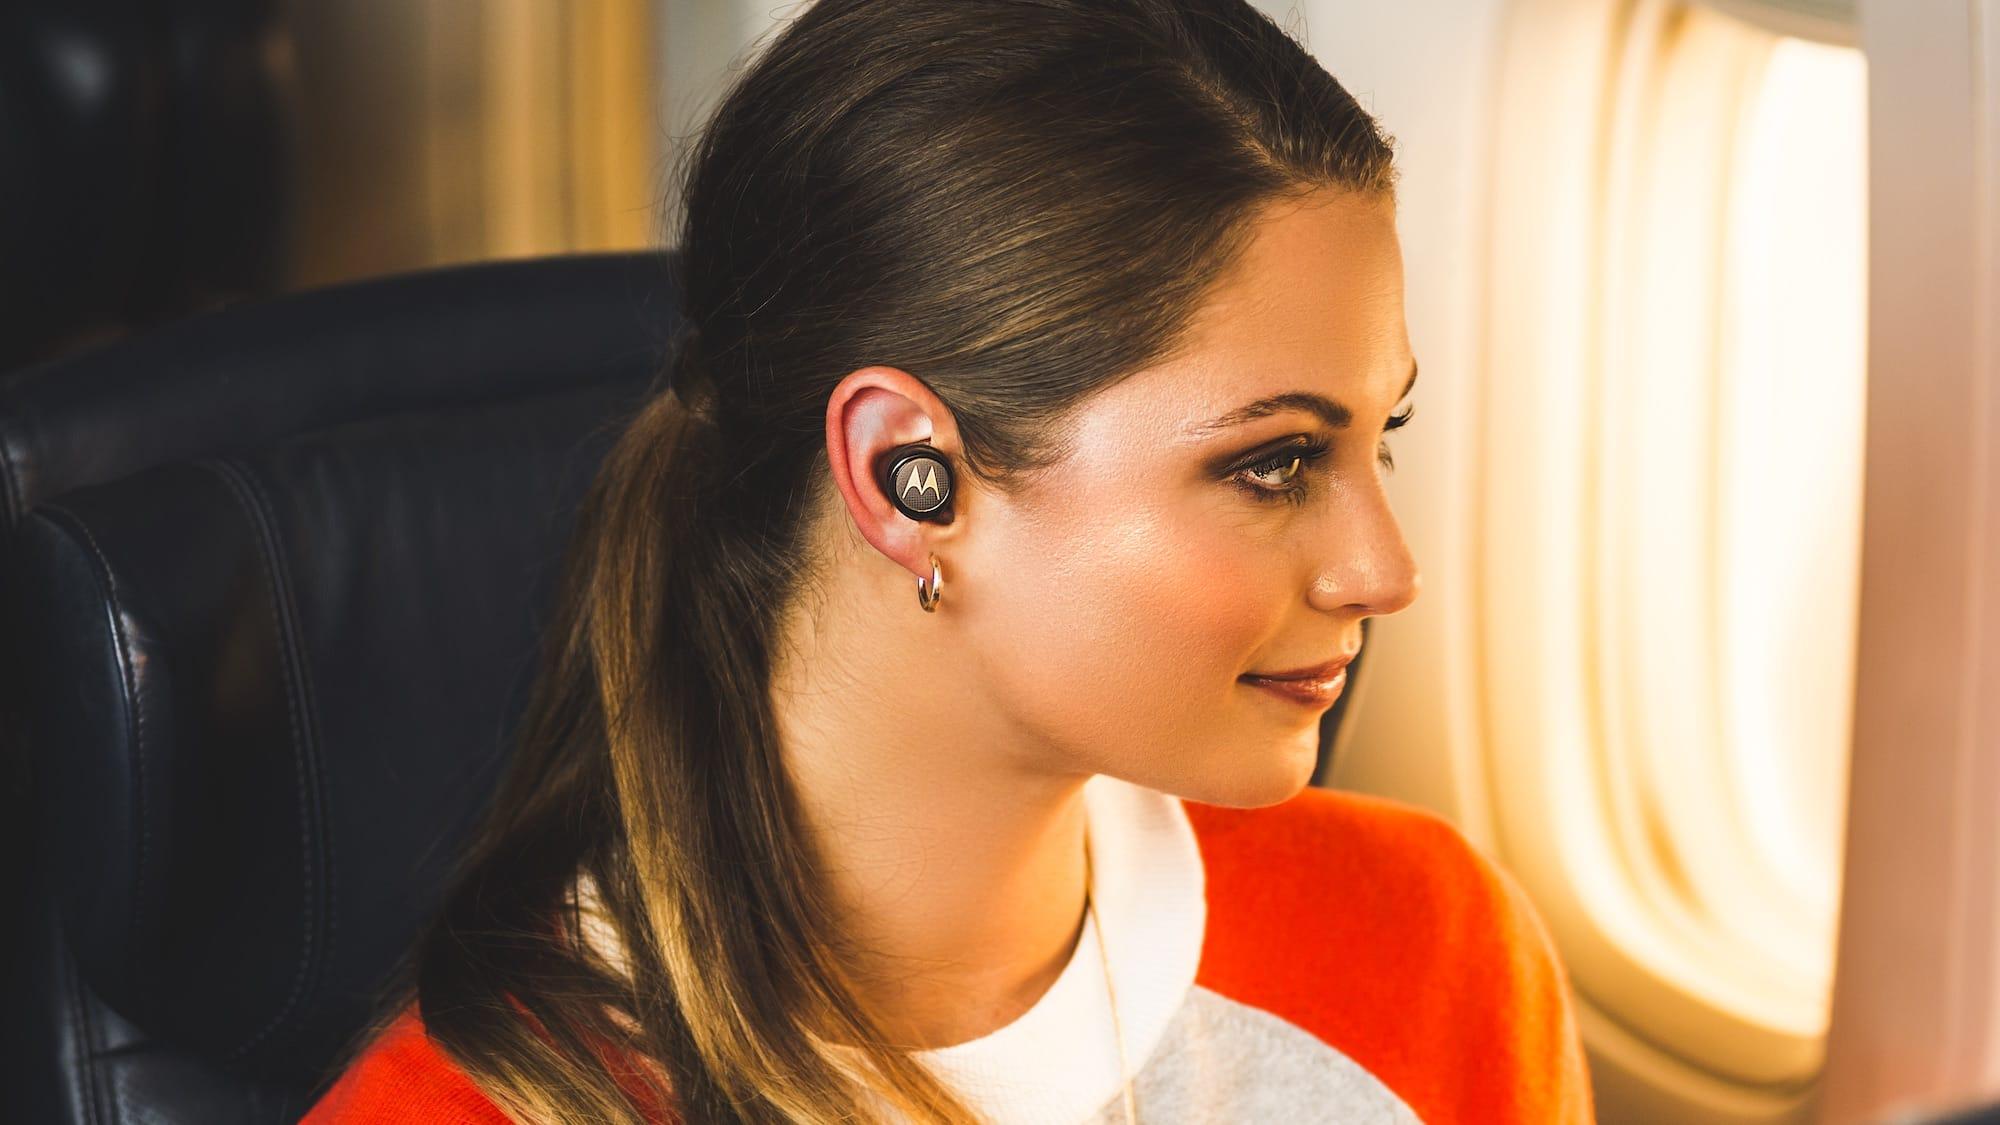 Motorola Tech3 True Wireless Earbuds offer an innovative 3-in-1 wearing style